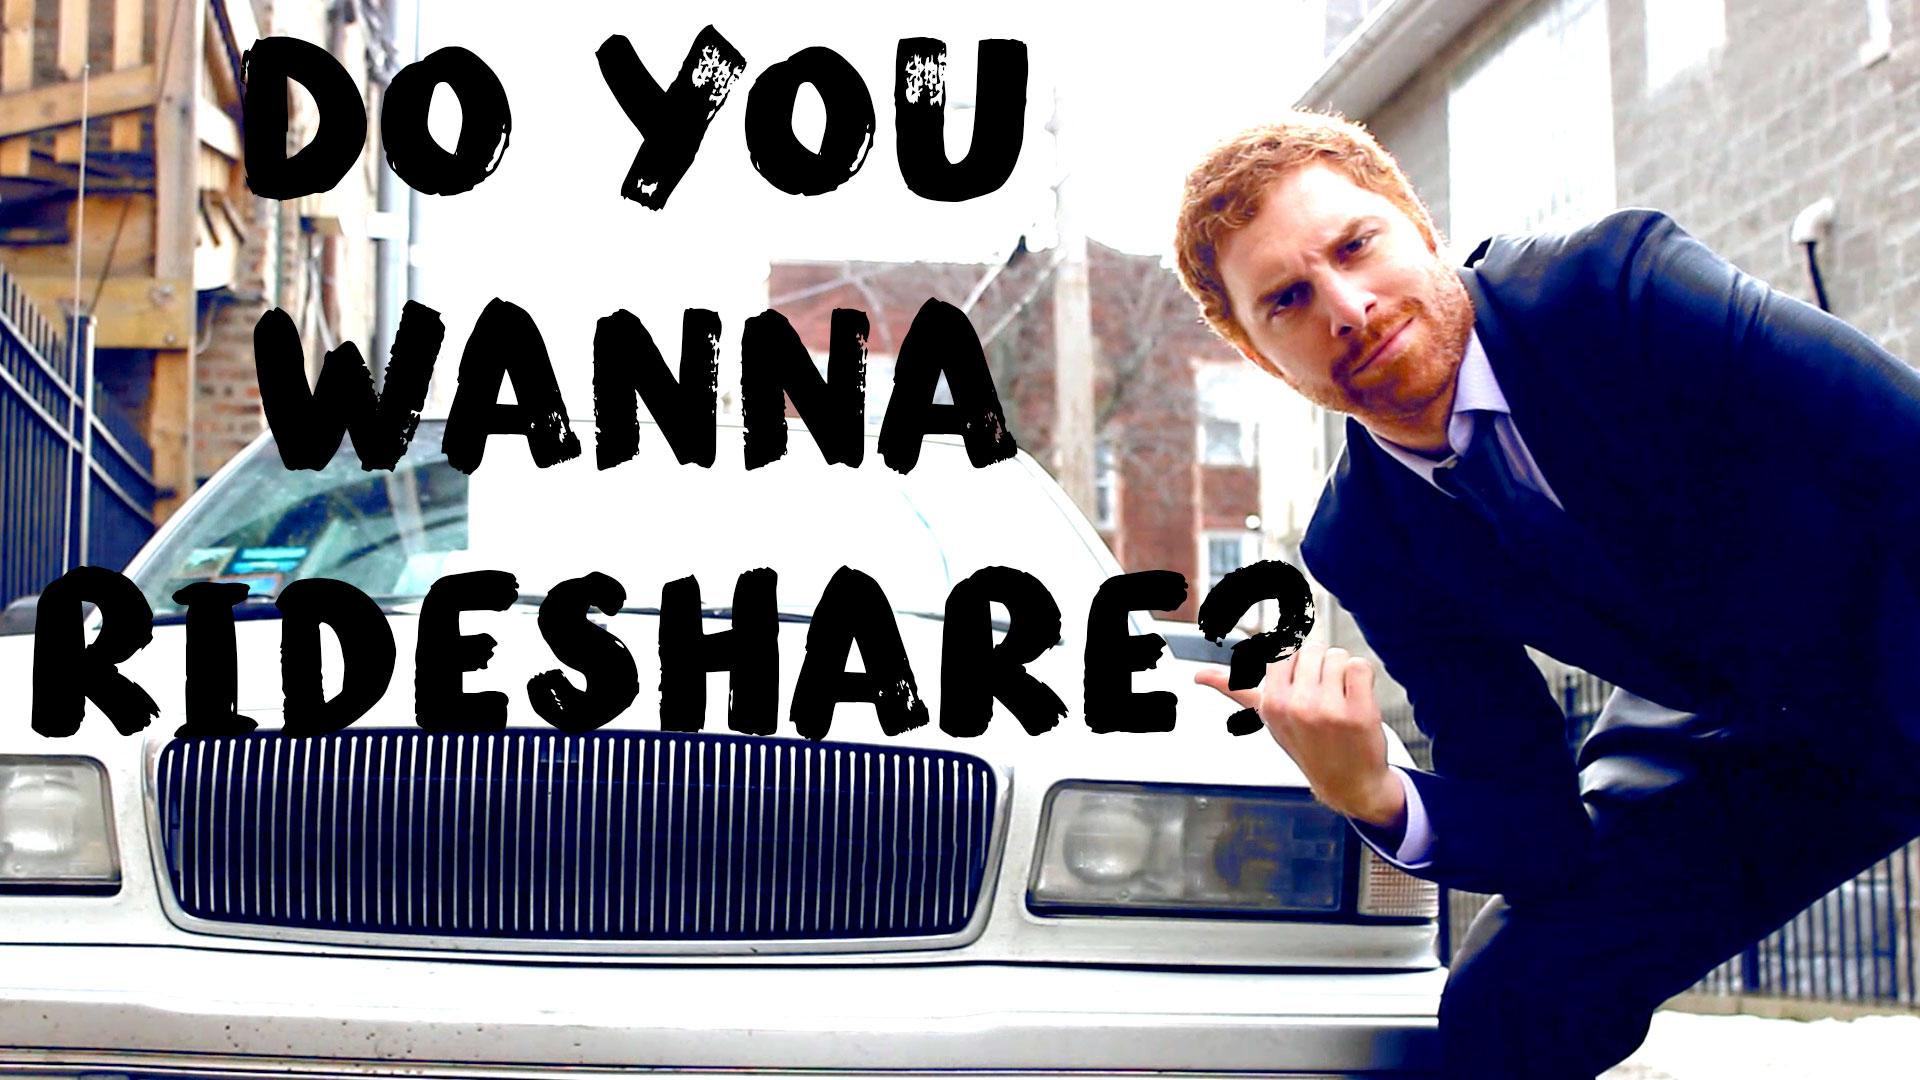 Do You Wanna Rideshare?